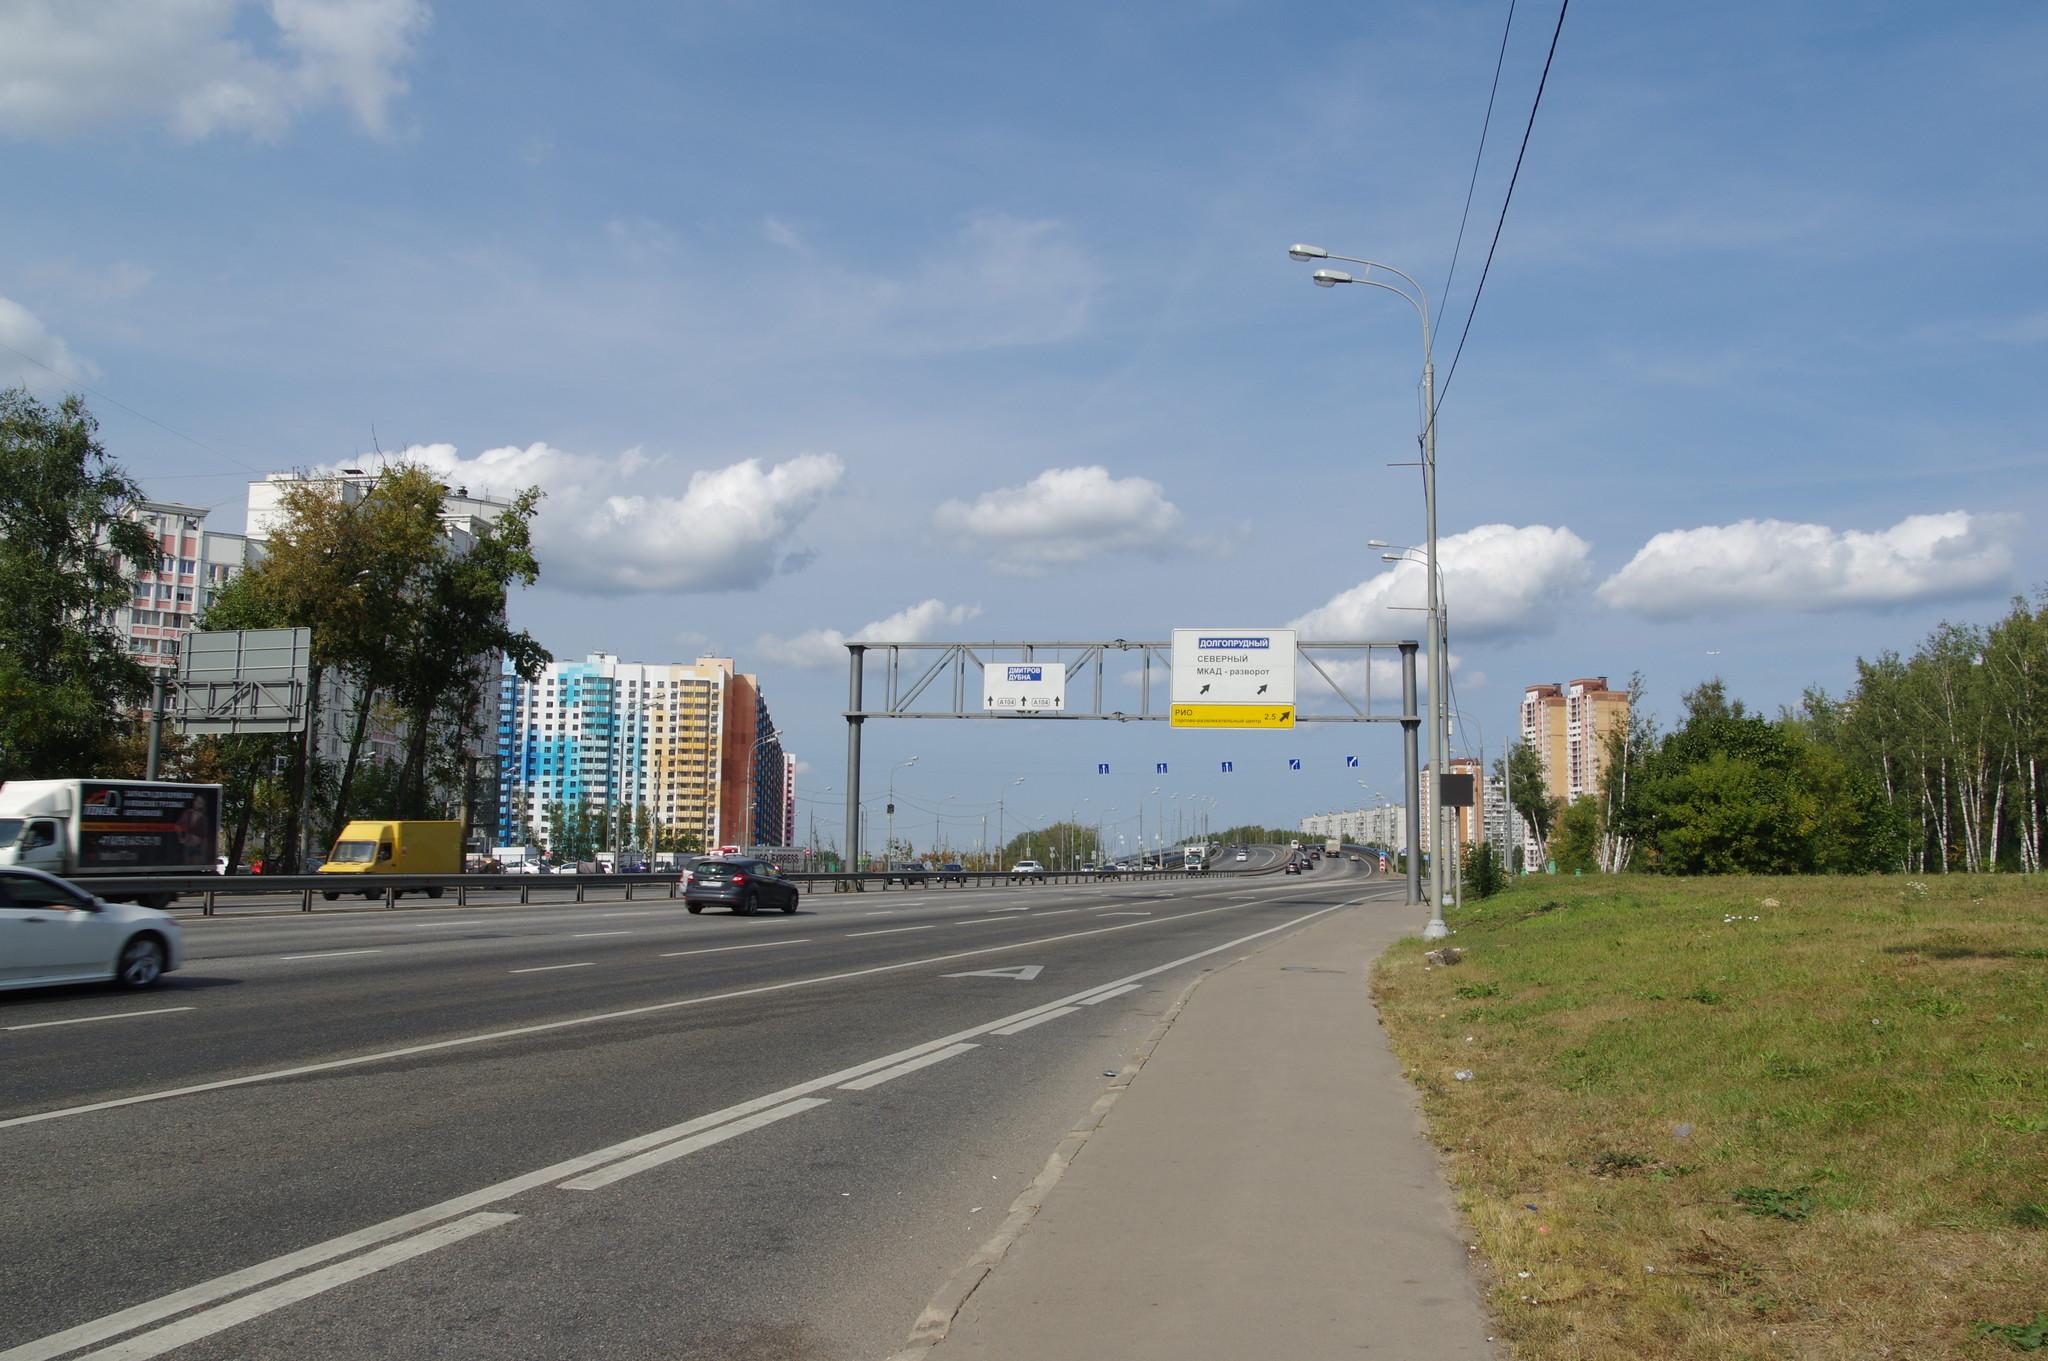 Выделенная полоса для общественного транспорта в районе Северный